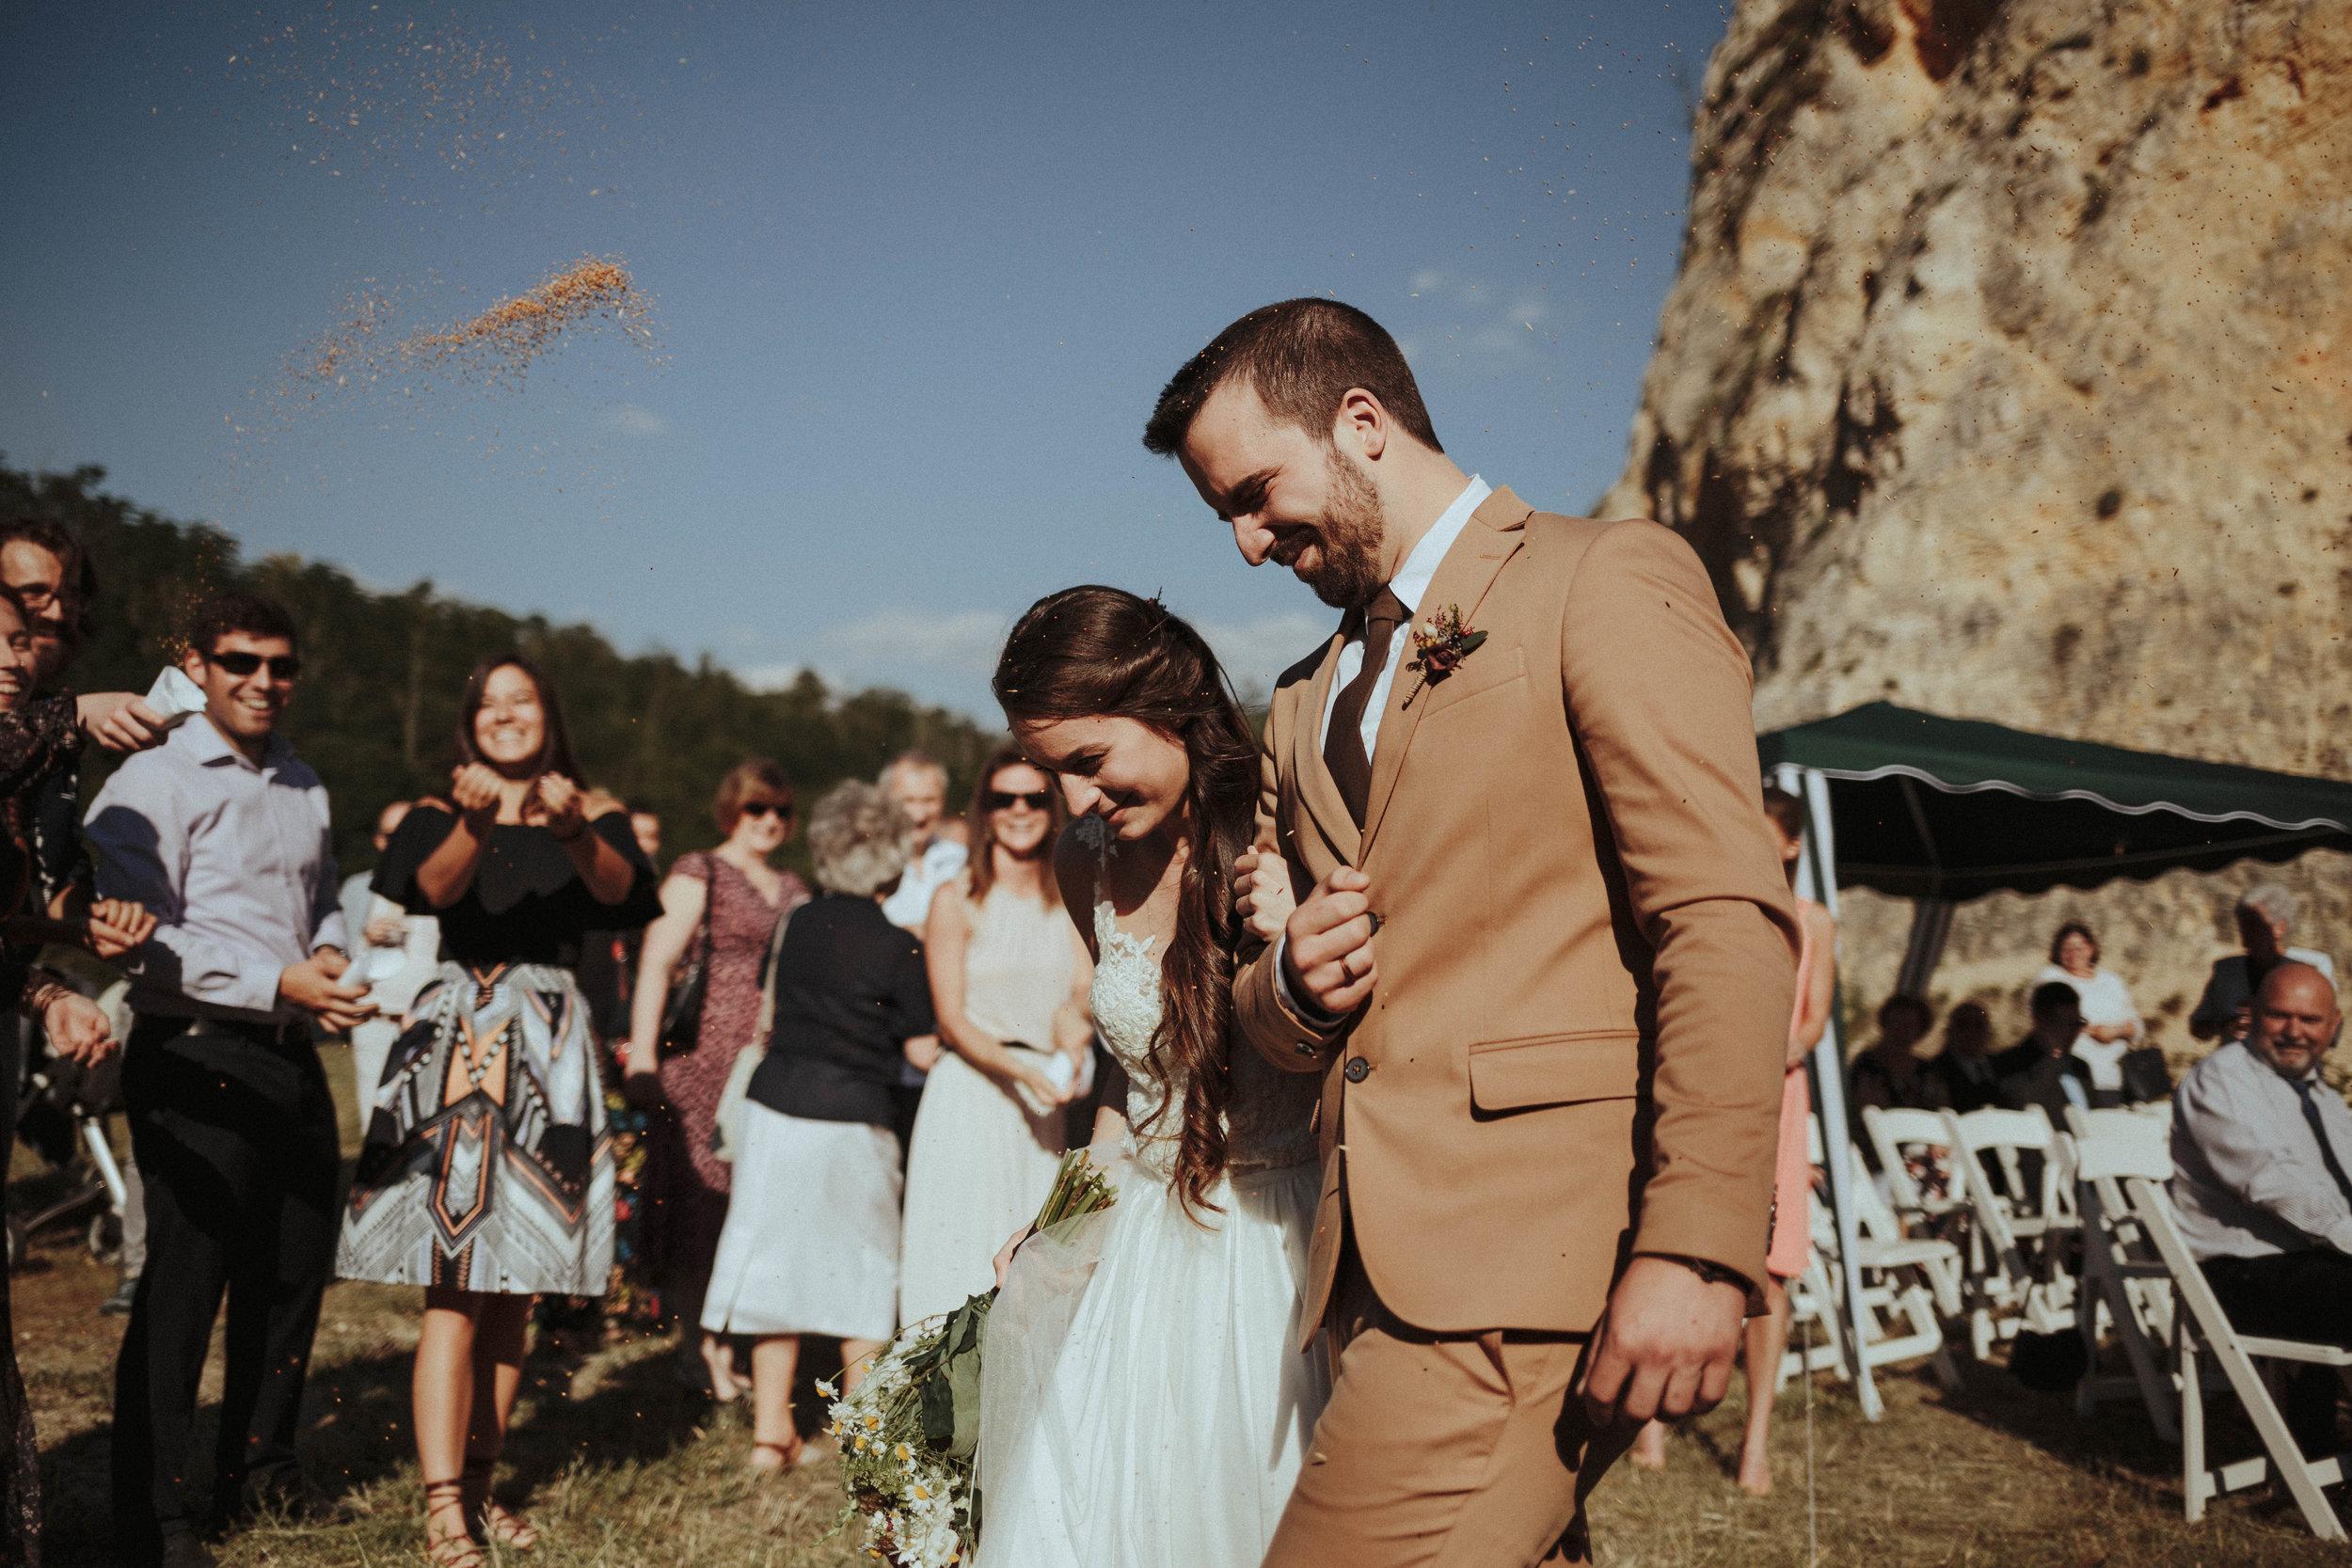 20170609_Eszti+Adi_wedding_w_286__MG_2794_1.jpg